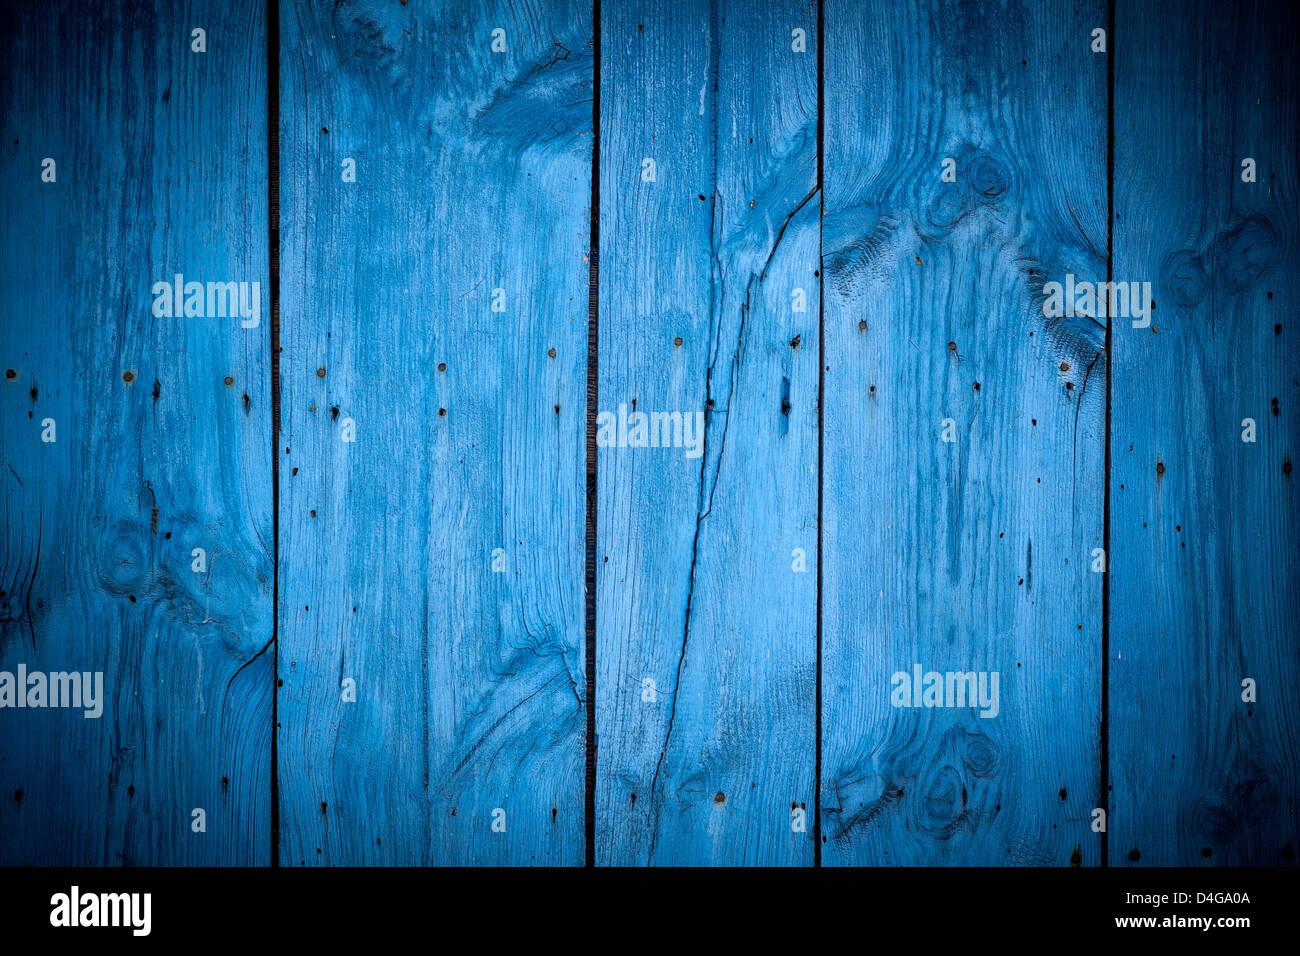 Textur des blauen Holzplatte für Hintergrund vertikale Stockbild